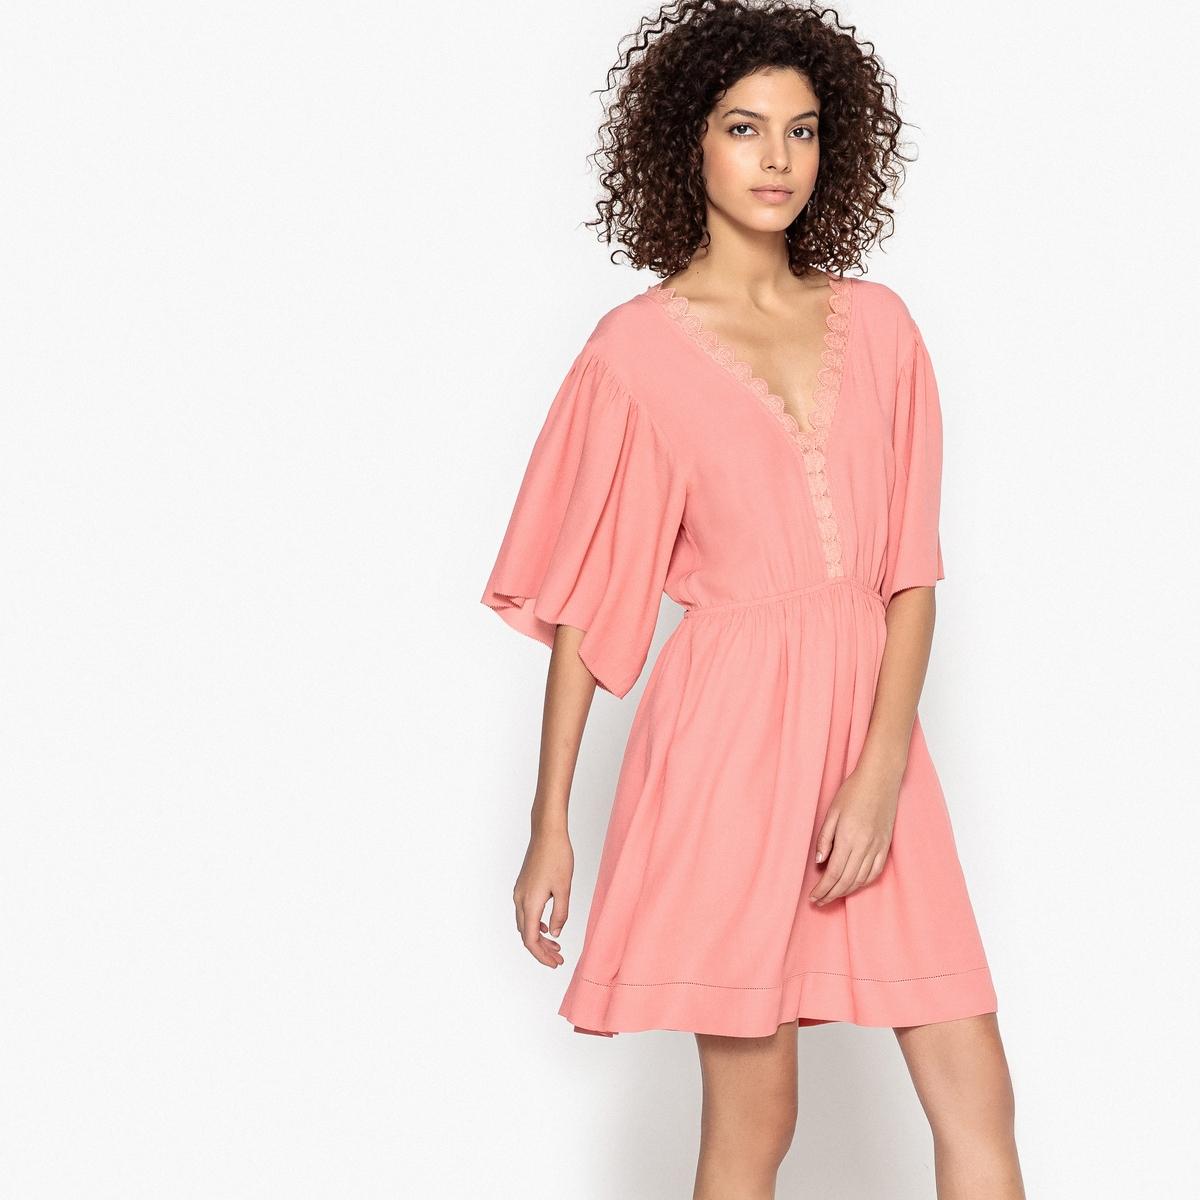 Платье короткое широкого кроя с V-образным декольте спереди и сзади джемпер glamorous an0764 р m int